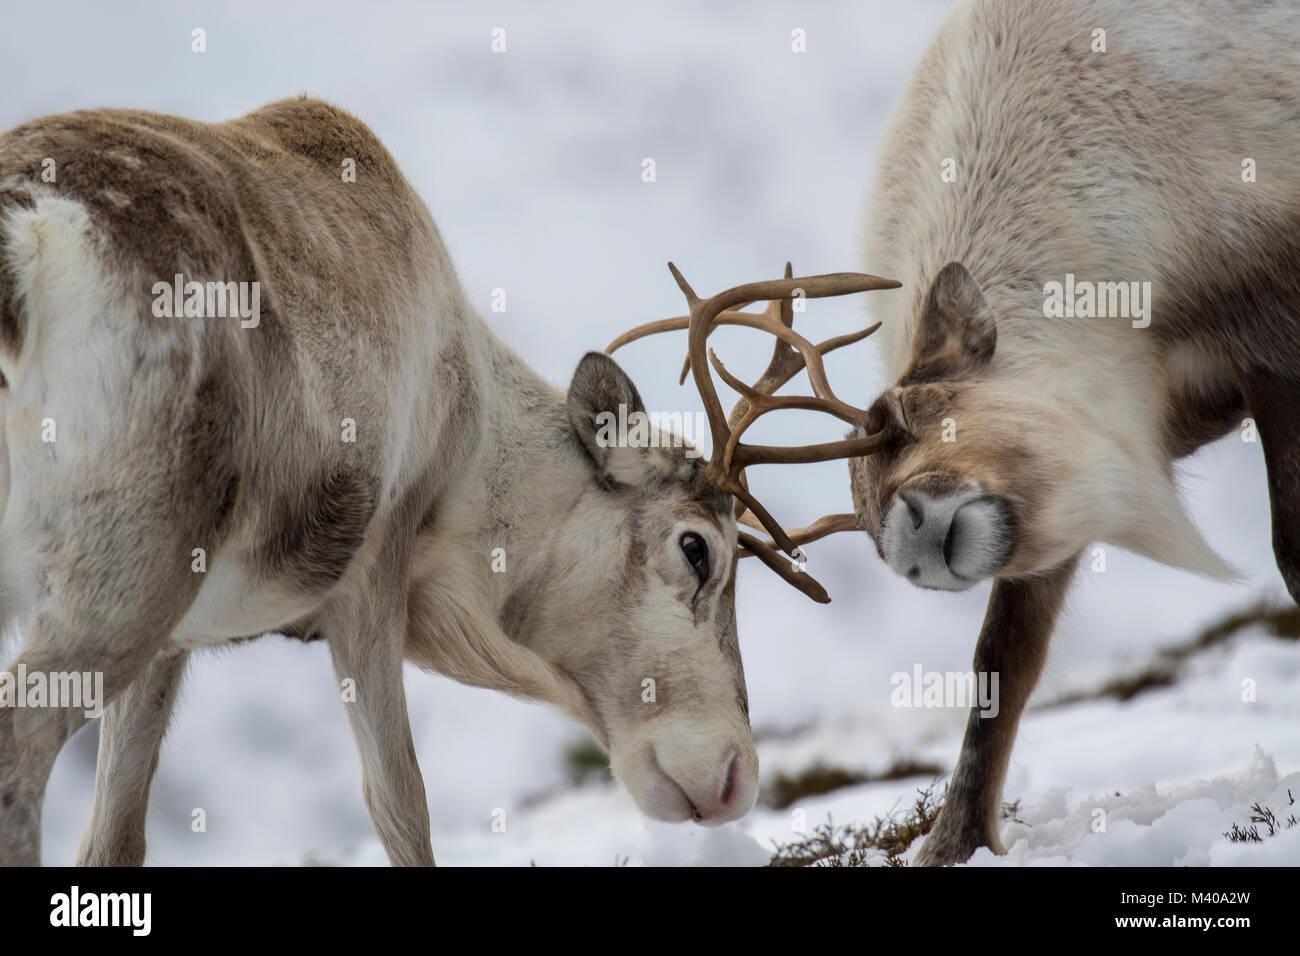 Rentier Rangifer tarandus, Beweidung, Nahrungssuche im Schnee an einem windigen kalten Wintern Tag auf einem Hügel Stockbild